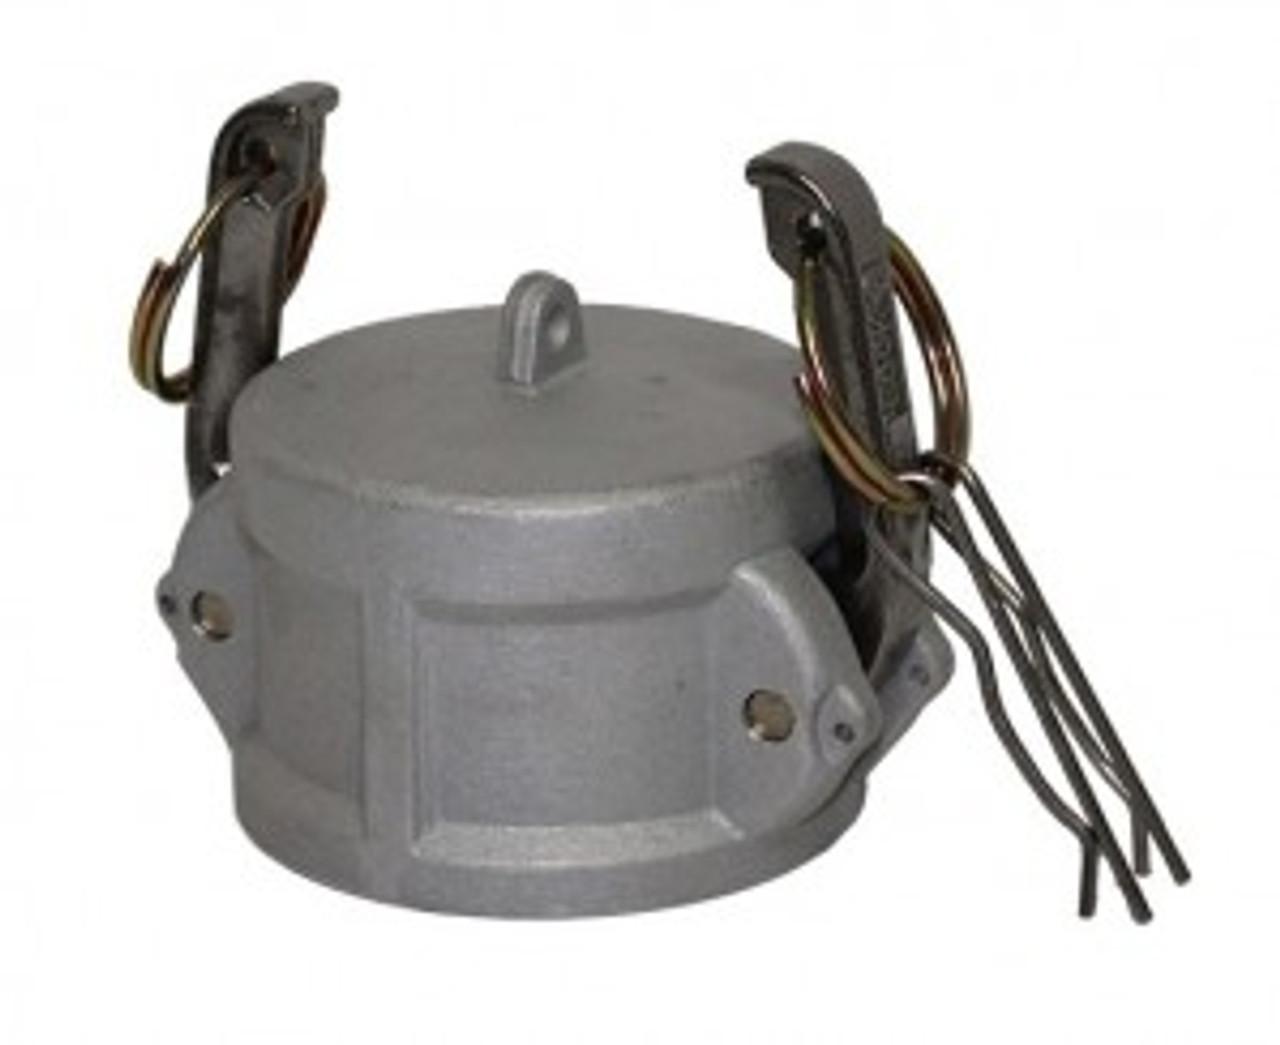 Camlock 65mm 'DC' - 65mm Female Camlock Dust Cap - CAM-AL-65-DC